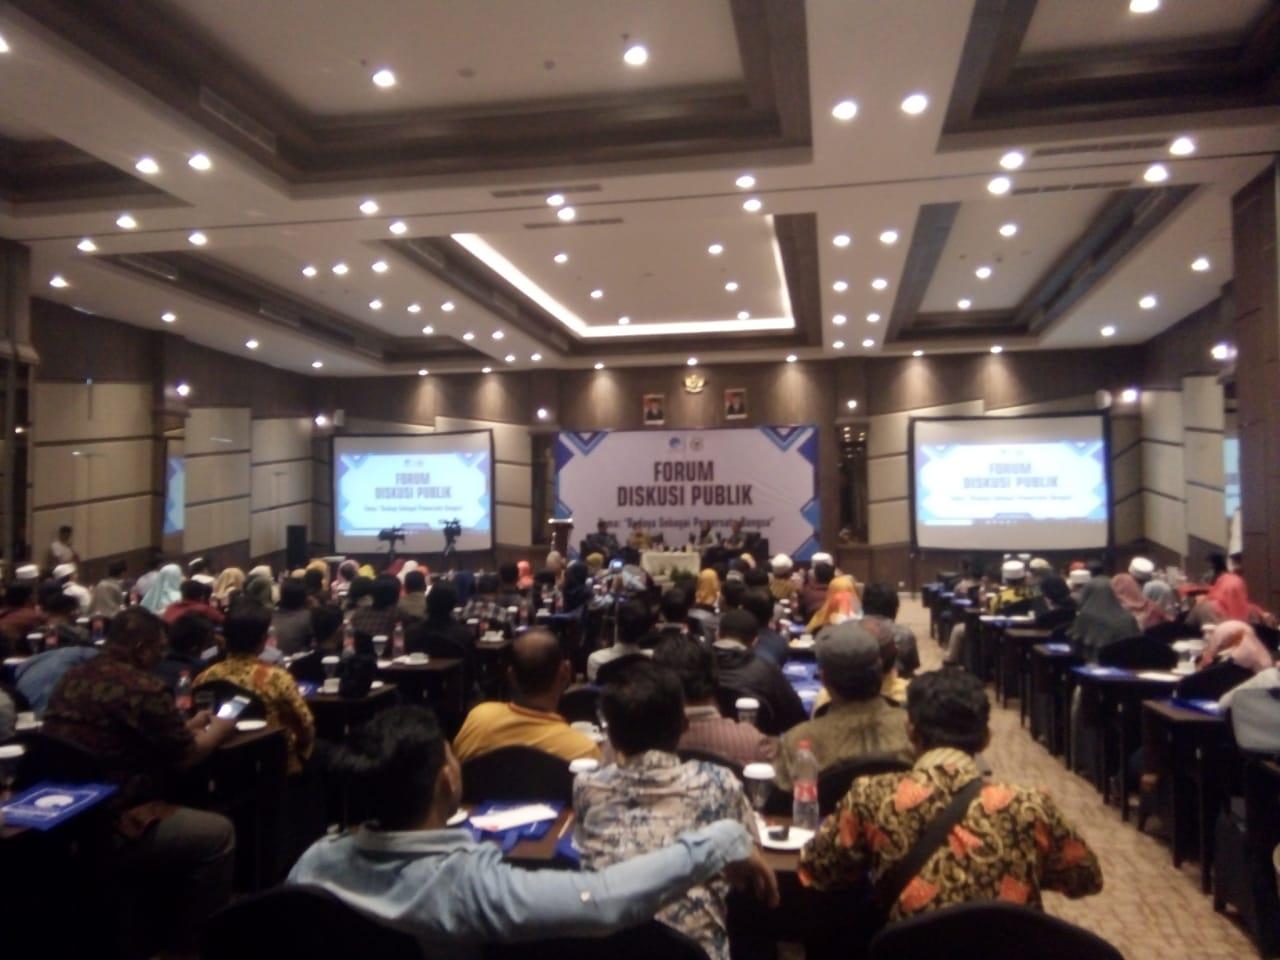 Komitmen Pemerintah Dalam Pemersatu Bangsa Untuk Menjaga Budaya Di Indonesia Kemenkominfo Adakan Forum Diskusi